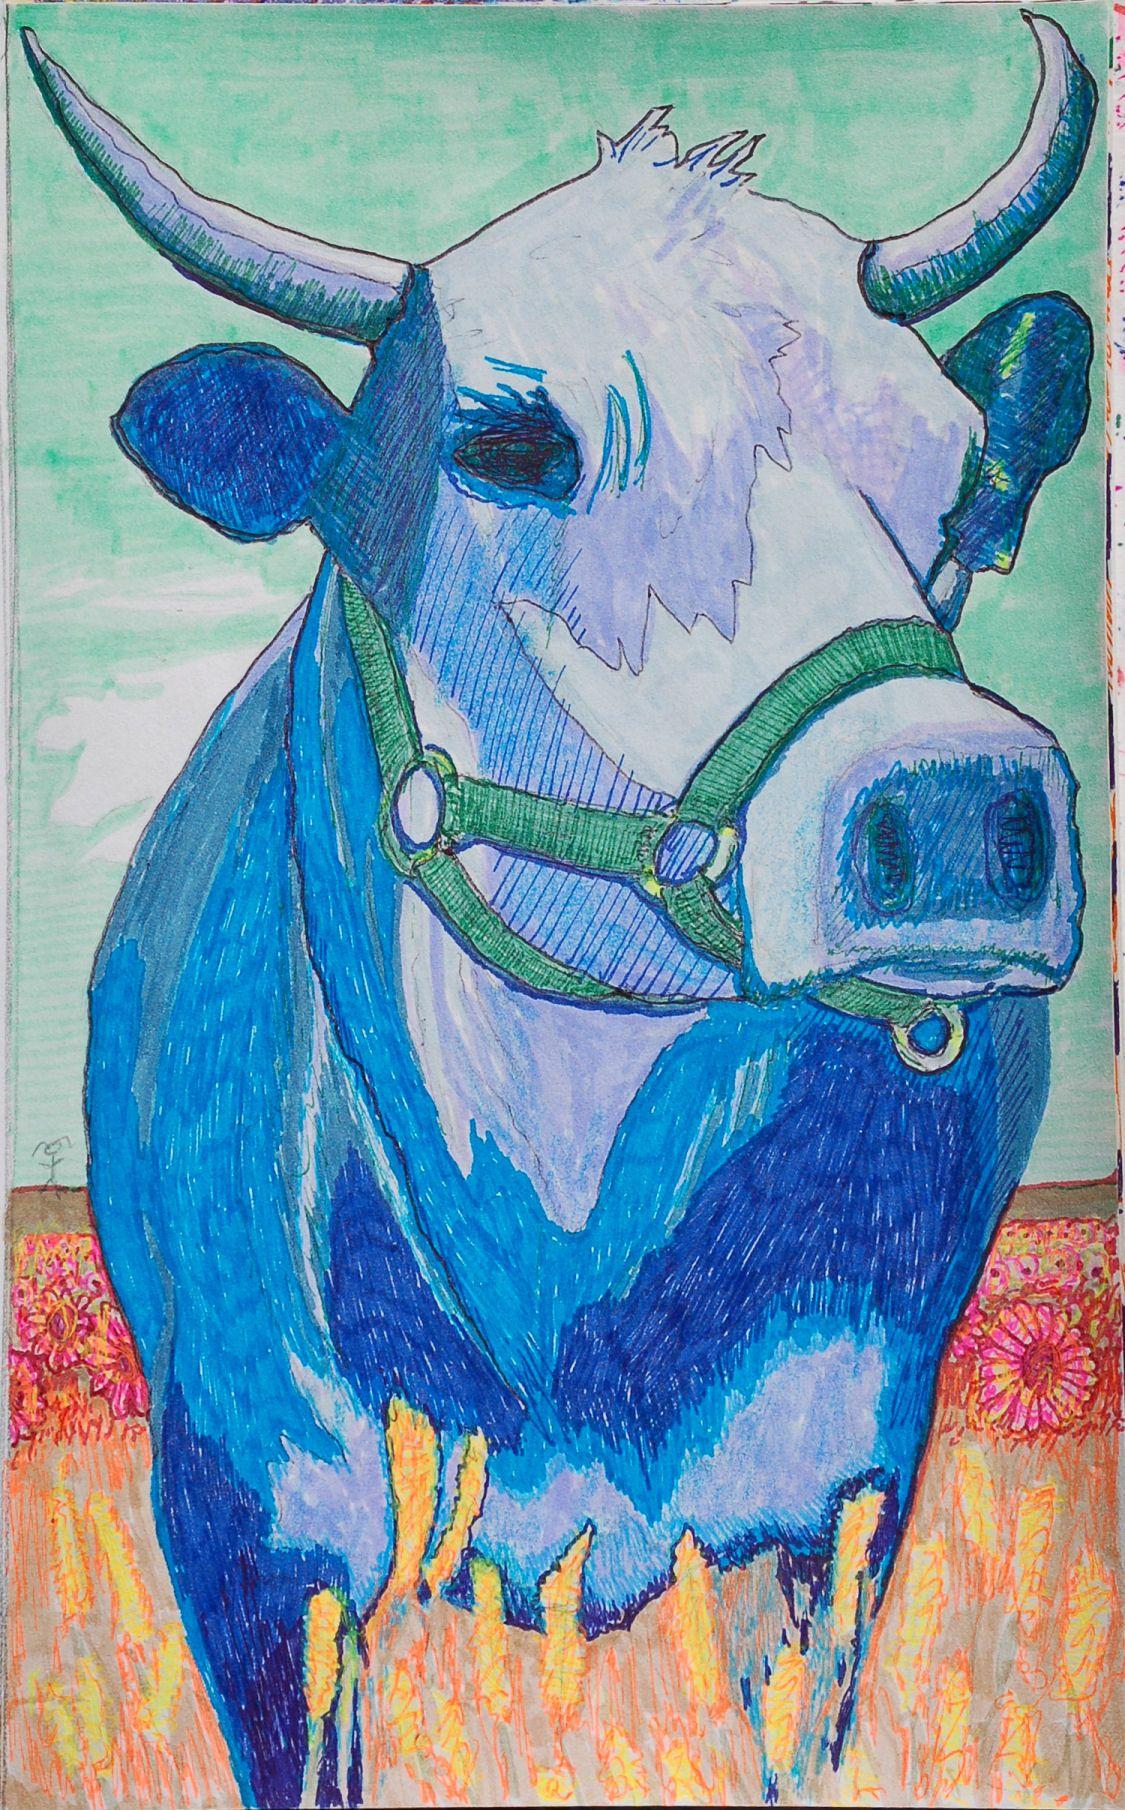 Blue Cow - (bb251)